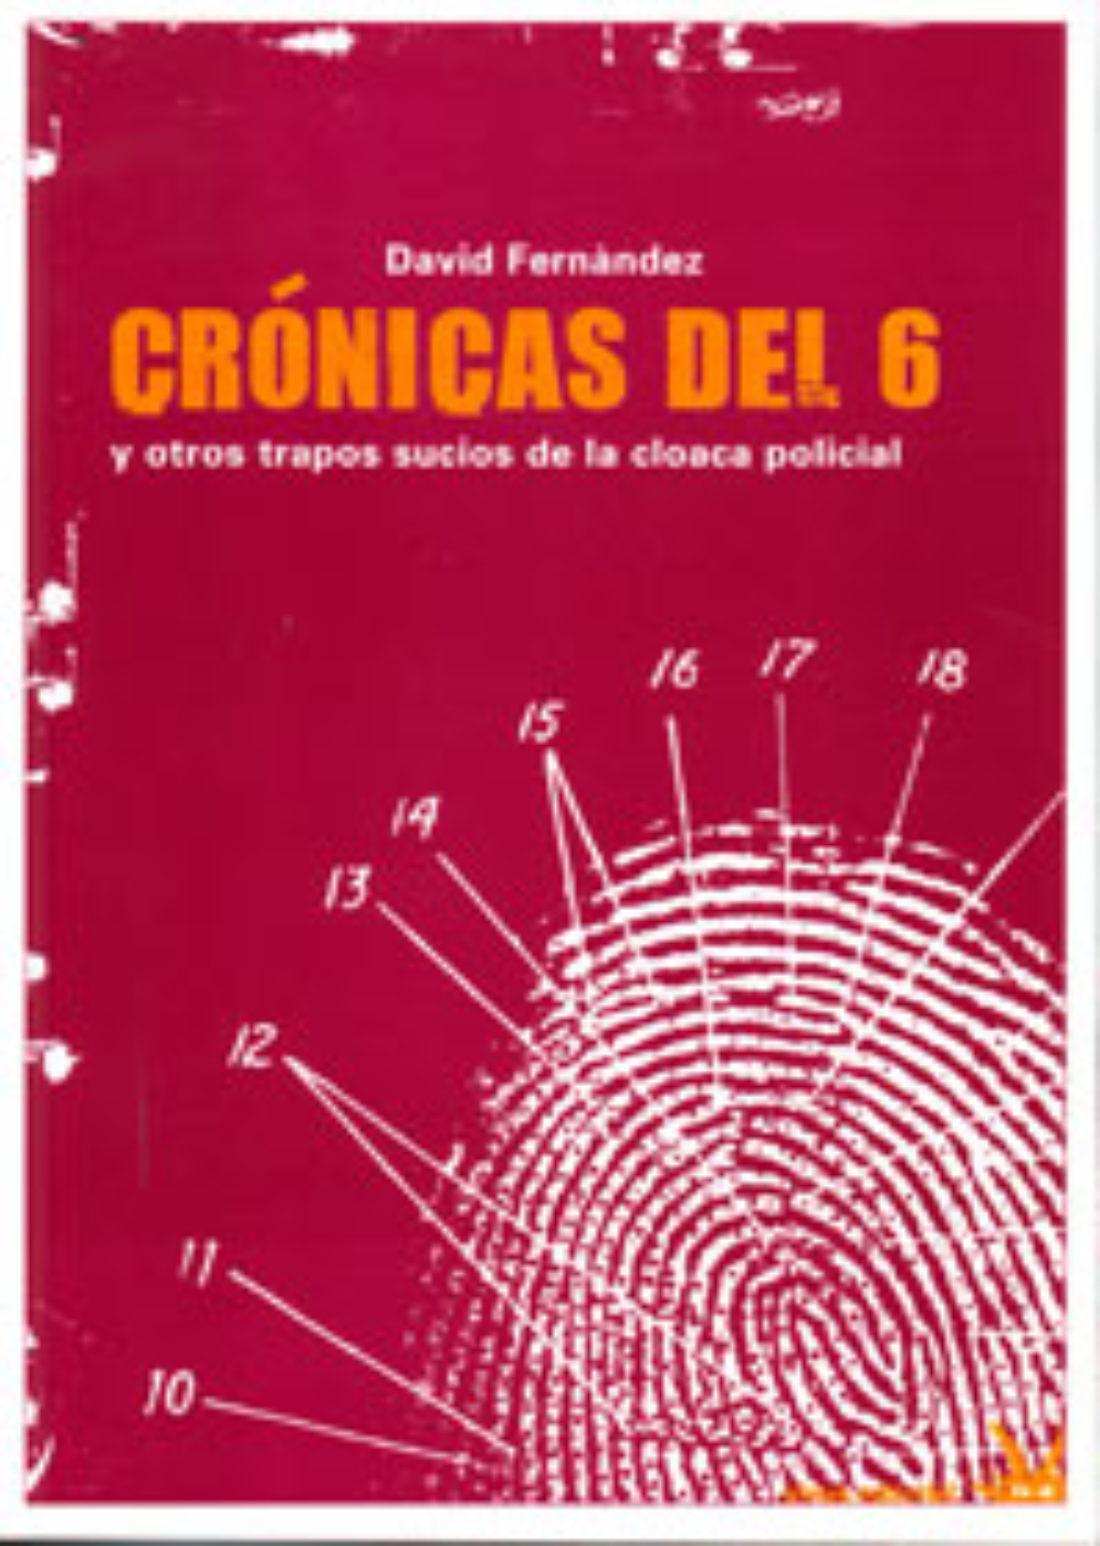 [Madrid] Presentación: Crónicas del 6 y otros trapos sucios de la cloaca policial. MIERCOLES 18 de febrero, 19:30h.